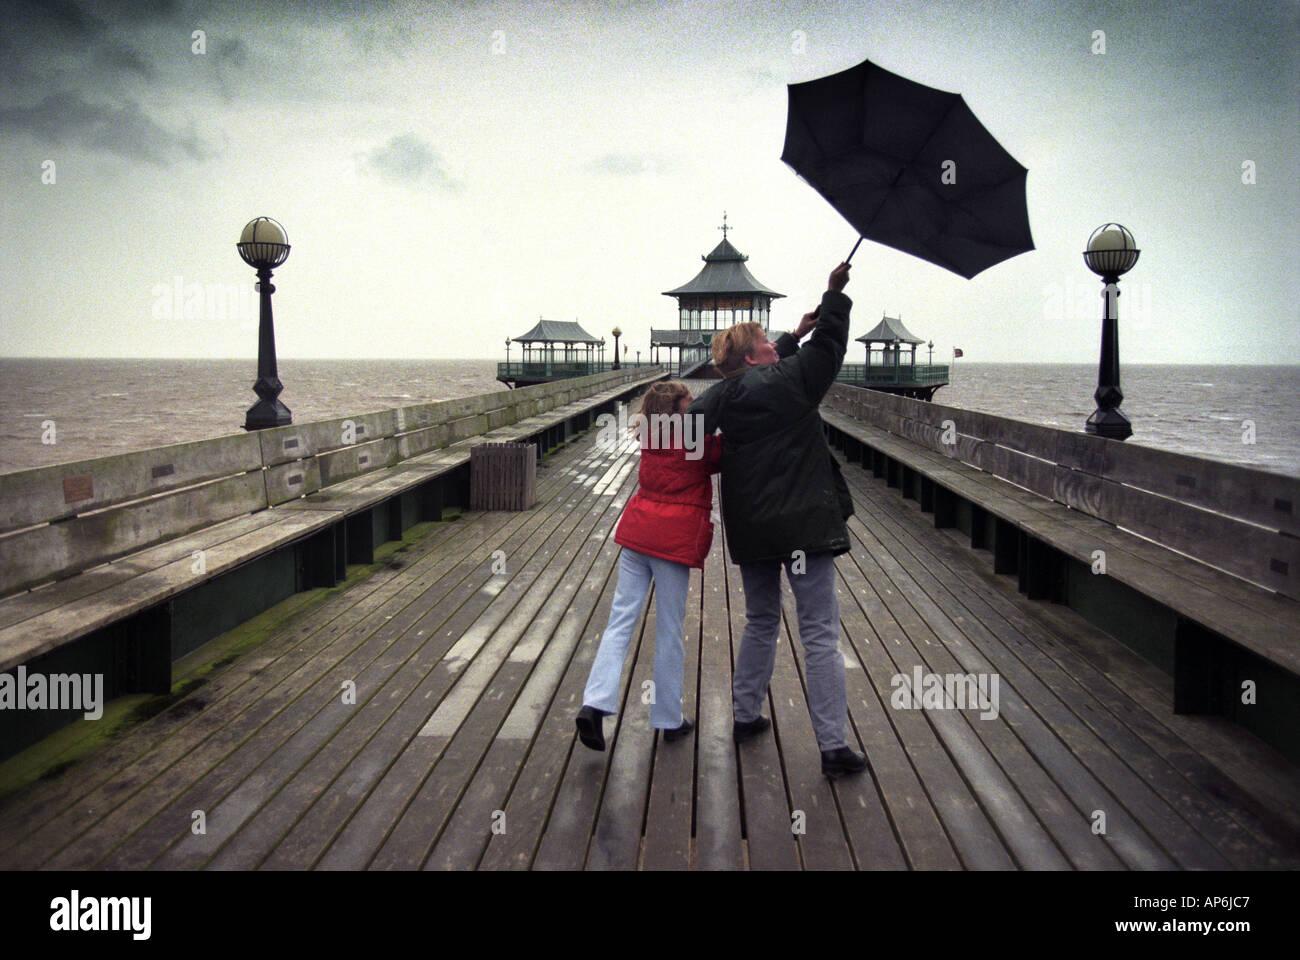 Una niña y su madre lucha con un Paraguas negro durante un paseo en Clevedon PIER NORTH SOMERSET UK Imagen De Stock